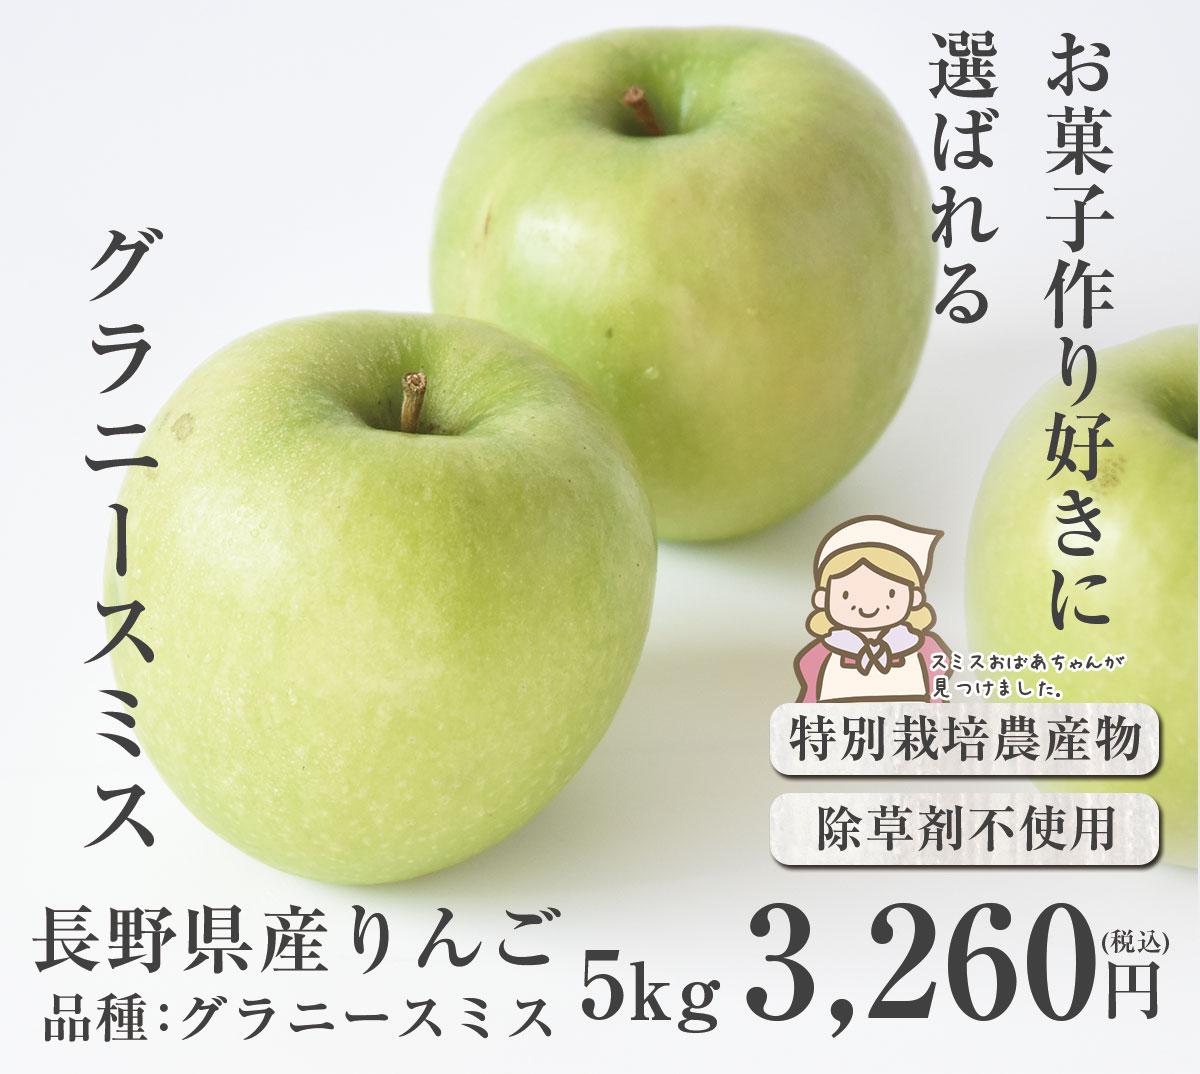 長野県産 りんご グラニースミス 特別栽培農産物 除草剤不使用